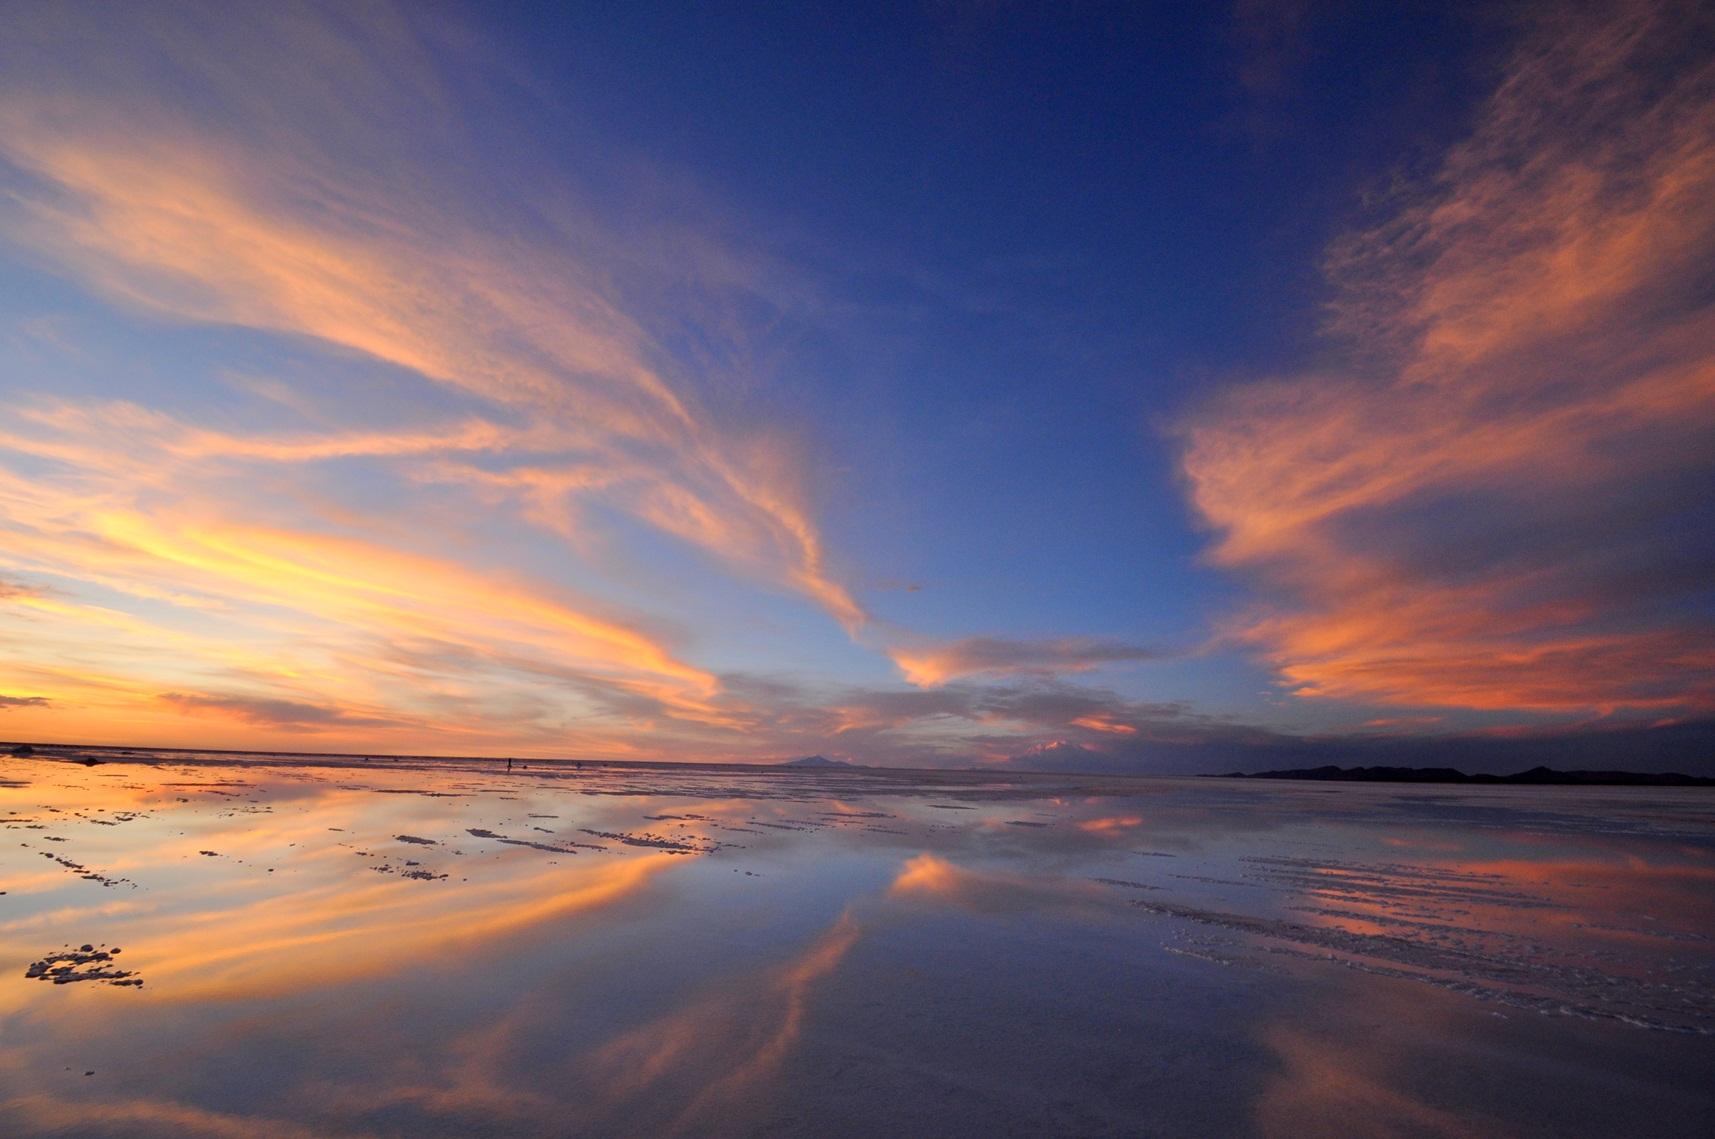 南米 「ウユニ塩湖」 こんな綺麗な景色が出現するなら良いのですが・・: